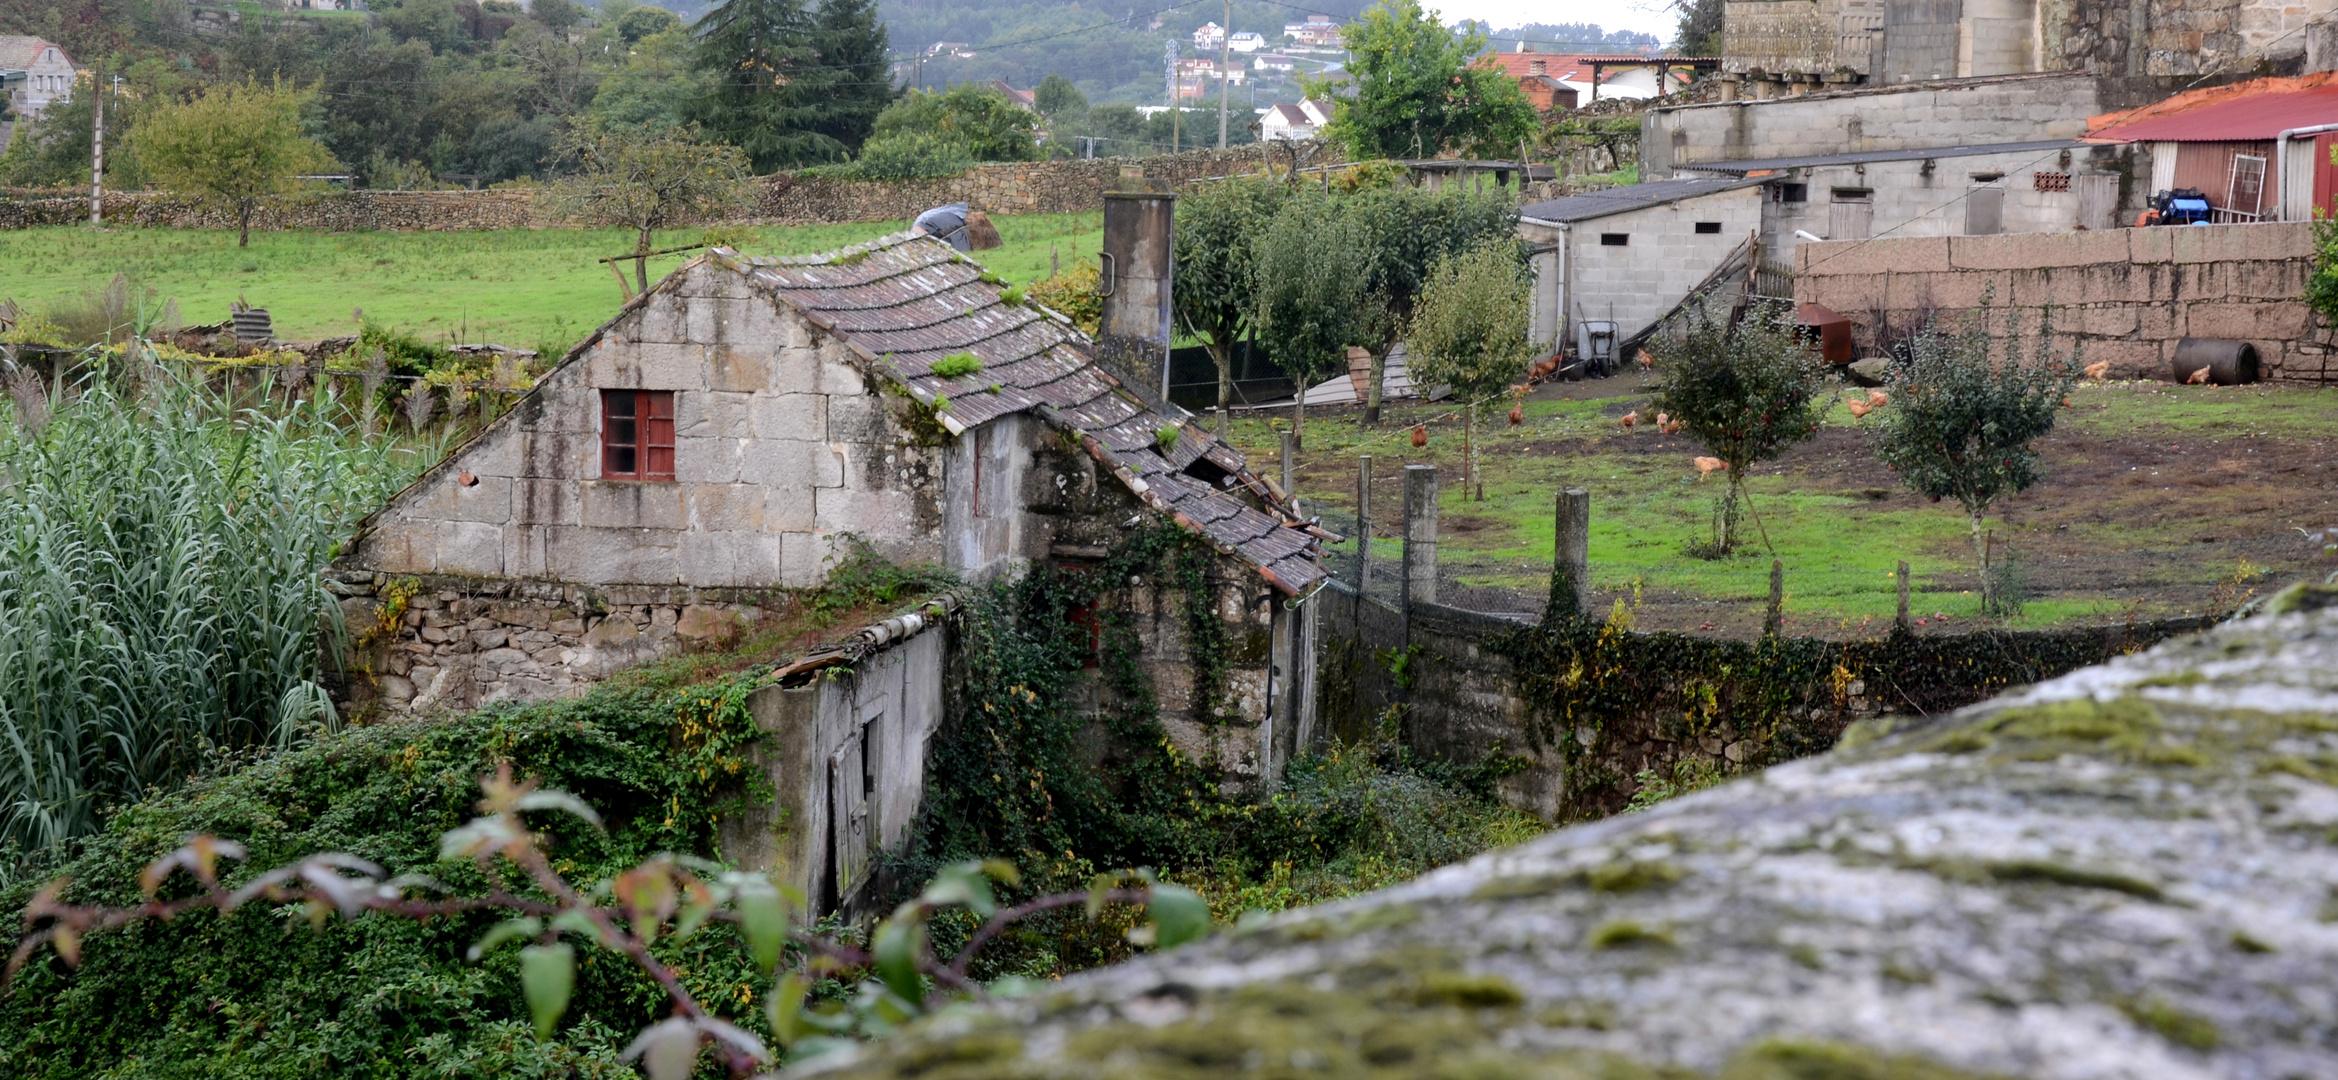 Pontevedra rural